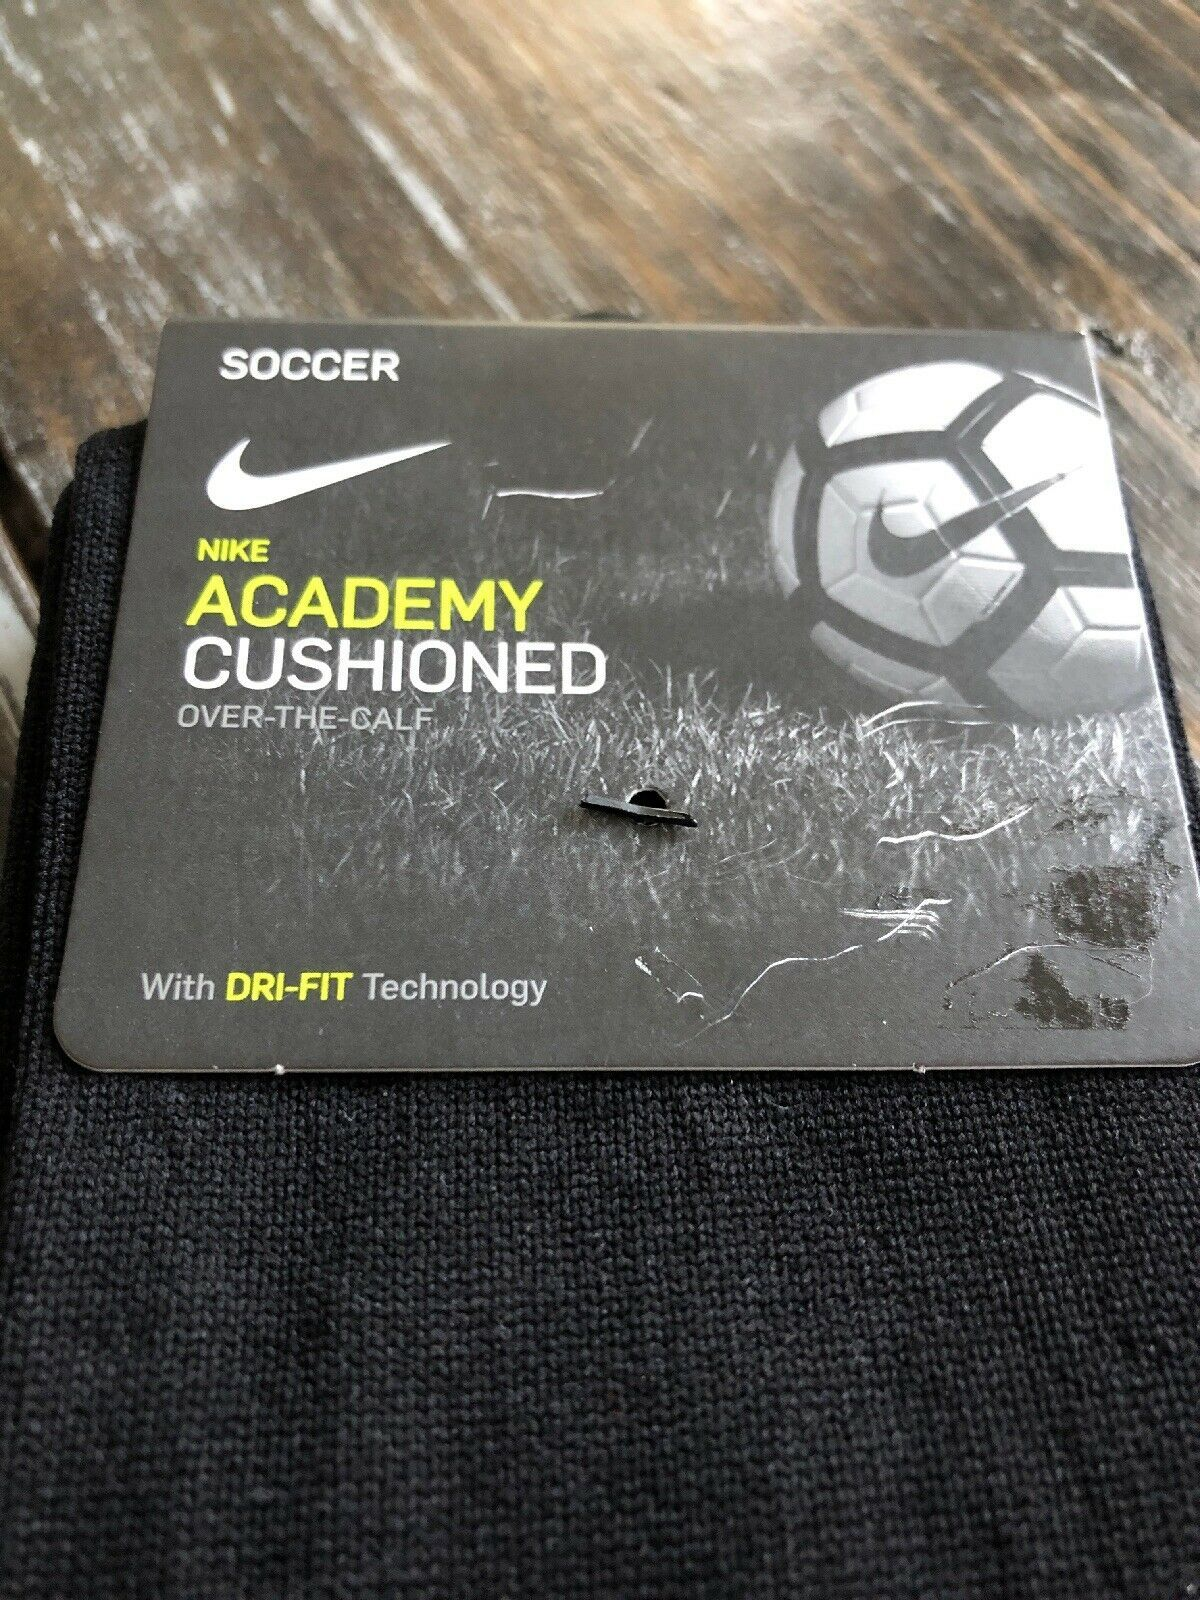 Nike Classic Soccer Socks SX4120 001 Adult All Black Dri Fit Size Medium image 2